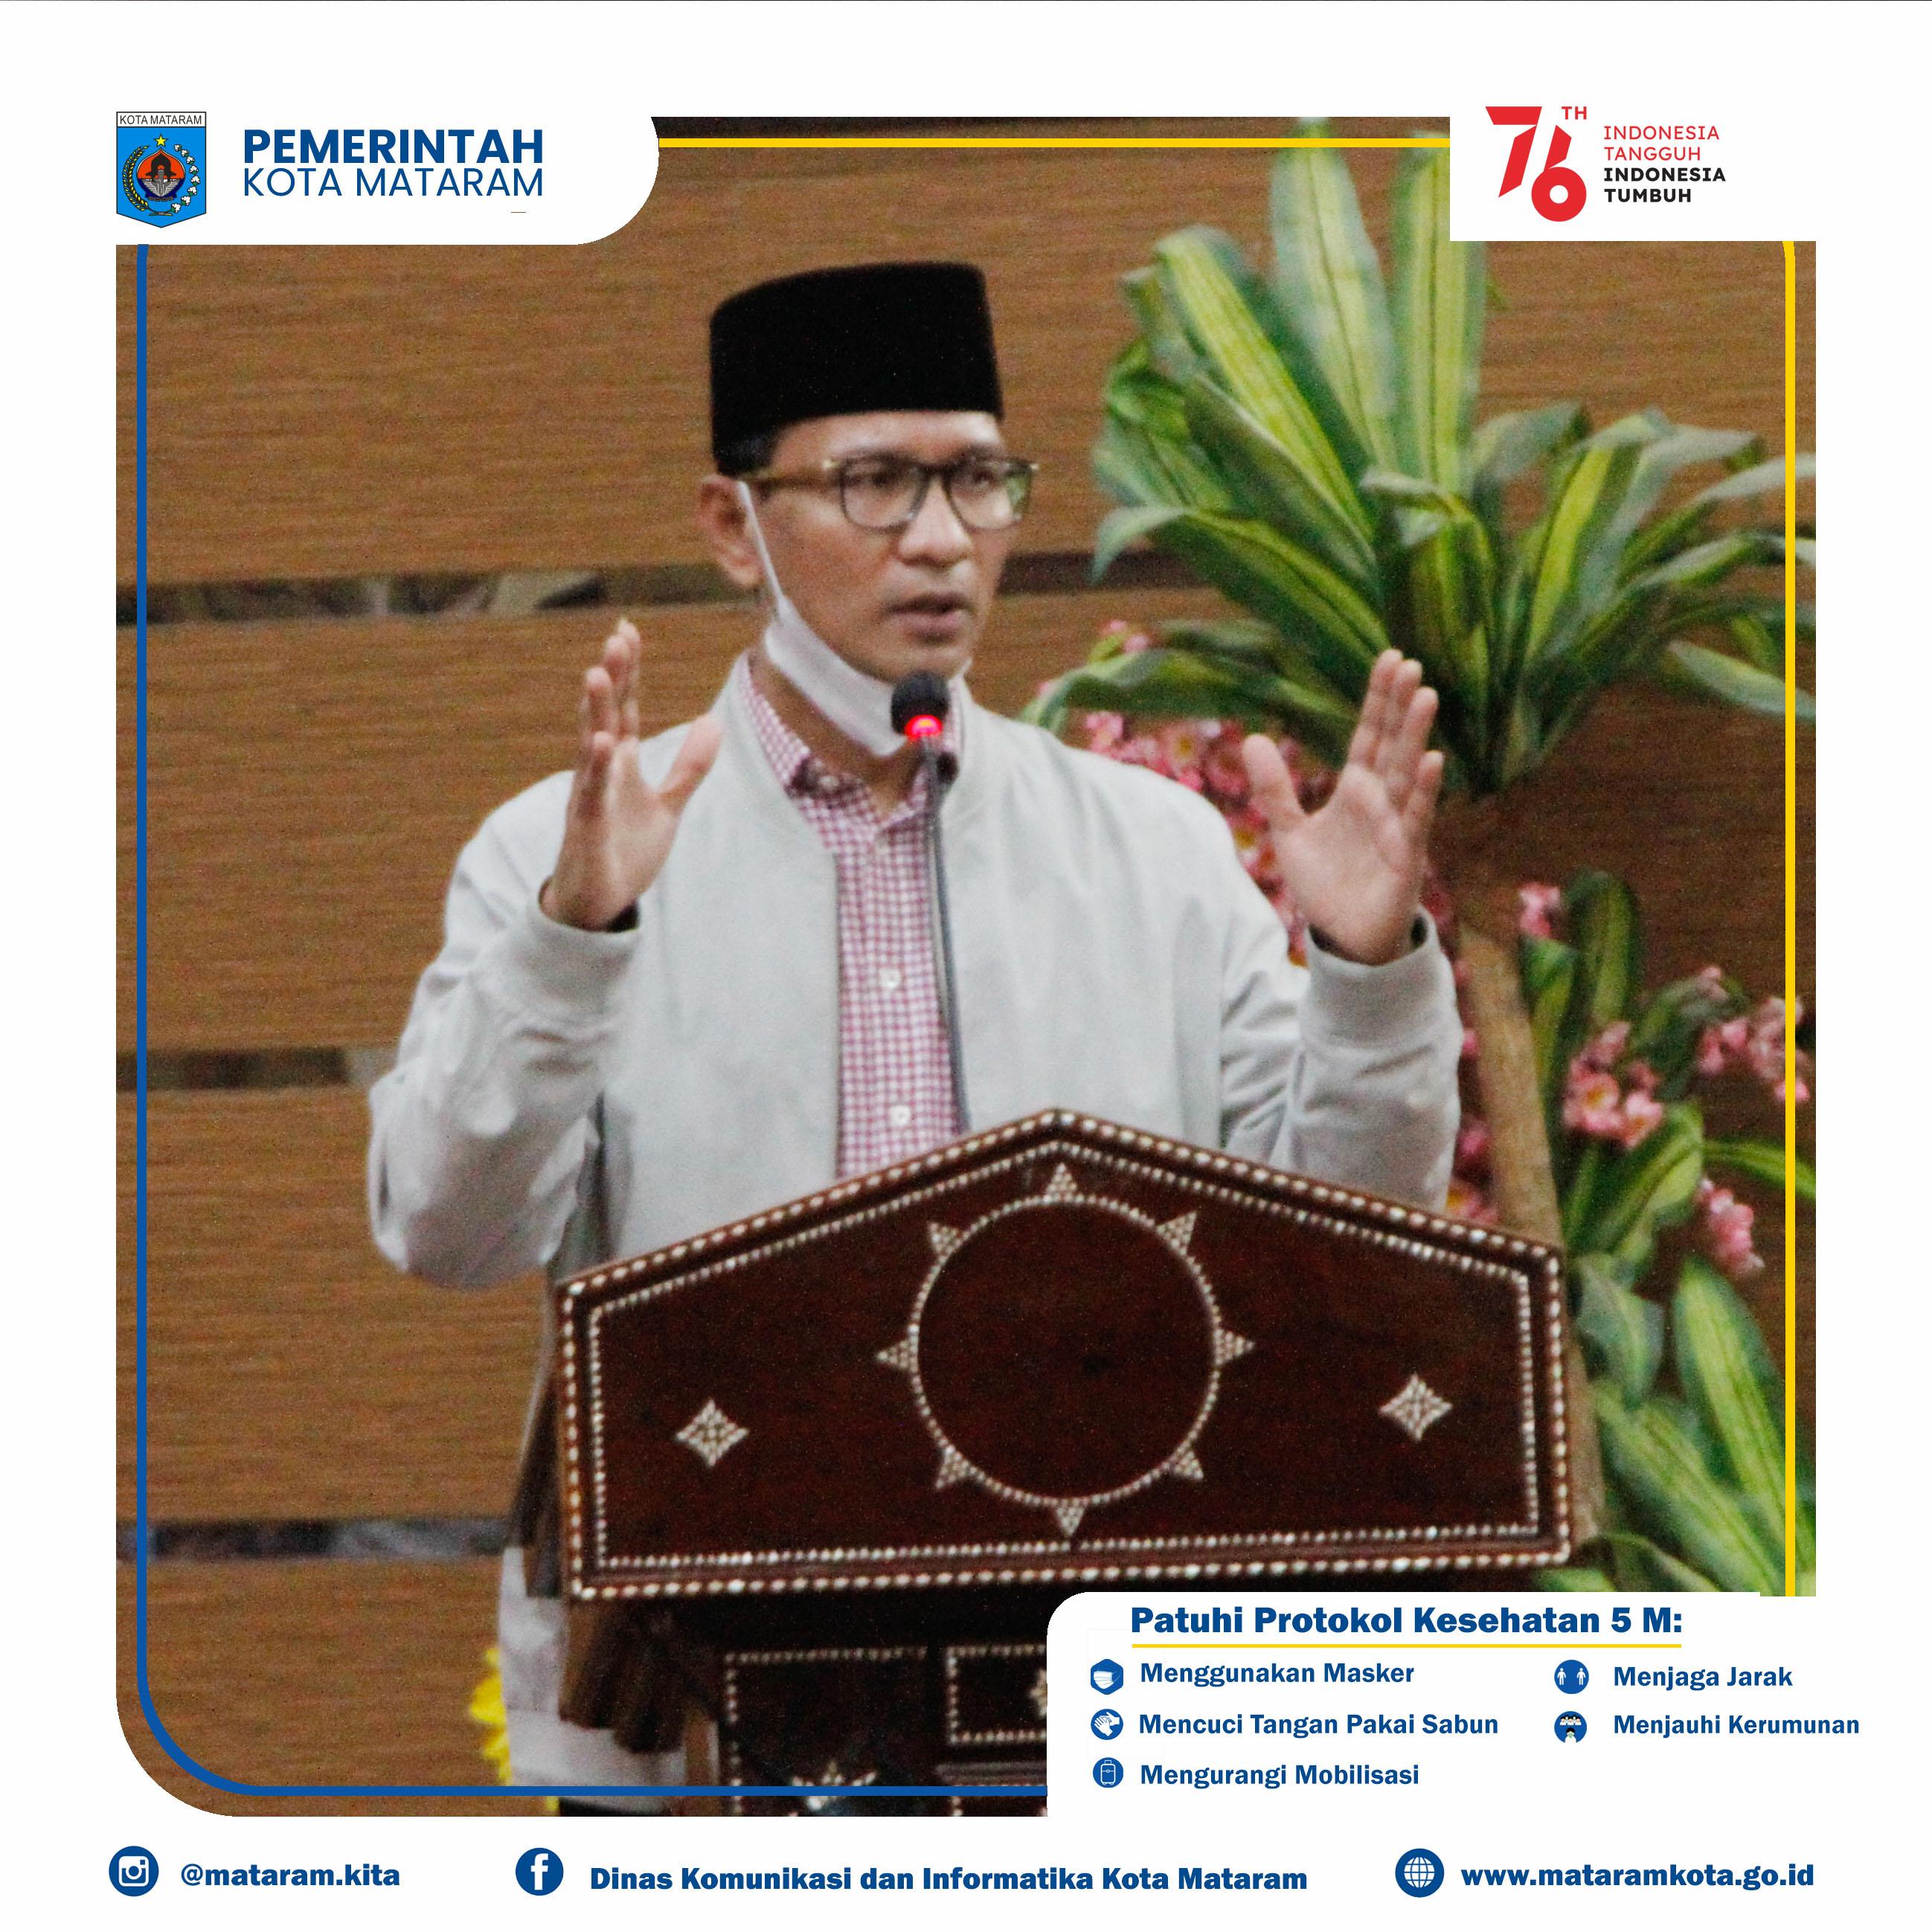 Wali Kota Mataram H. Mohan Roliskana pimpin rapat koordinasi Gugus Tugas Pencegahan Penanganan Covid-19 Kota Mataram